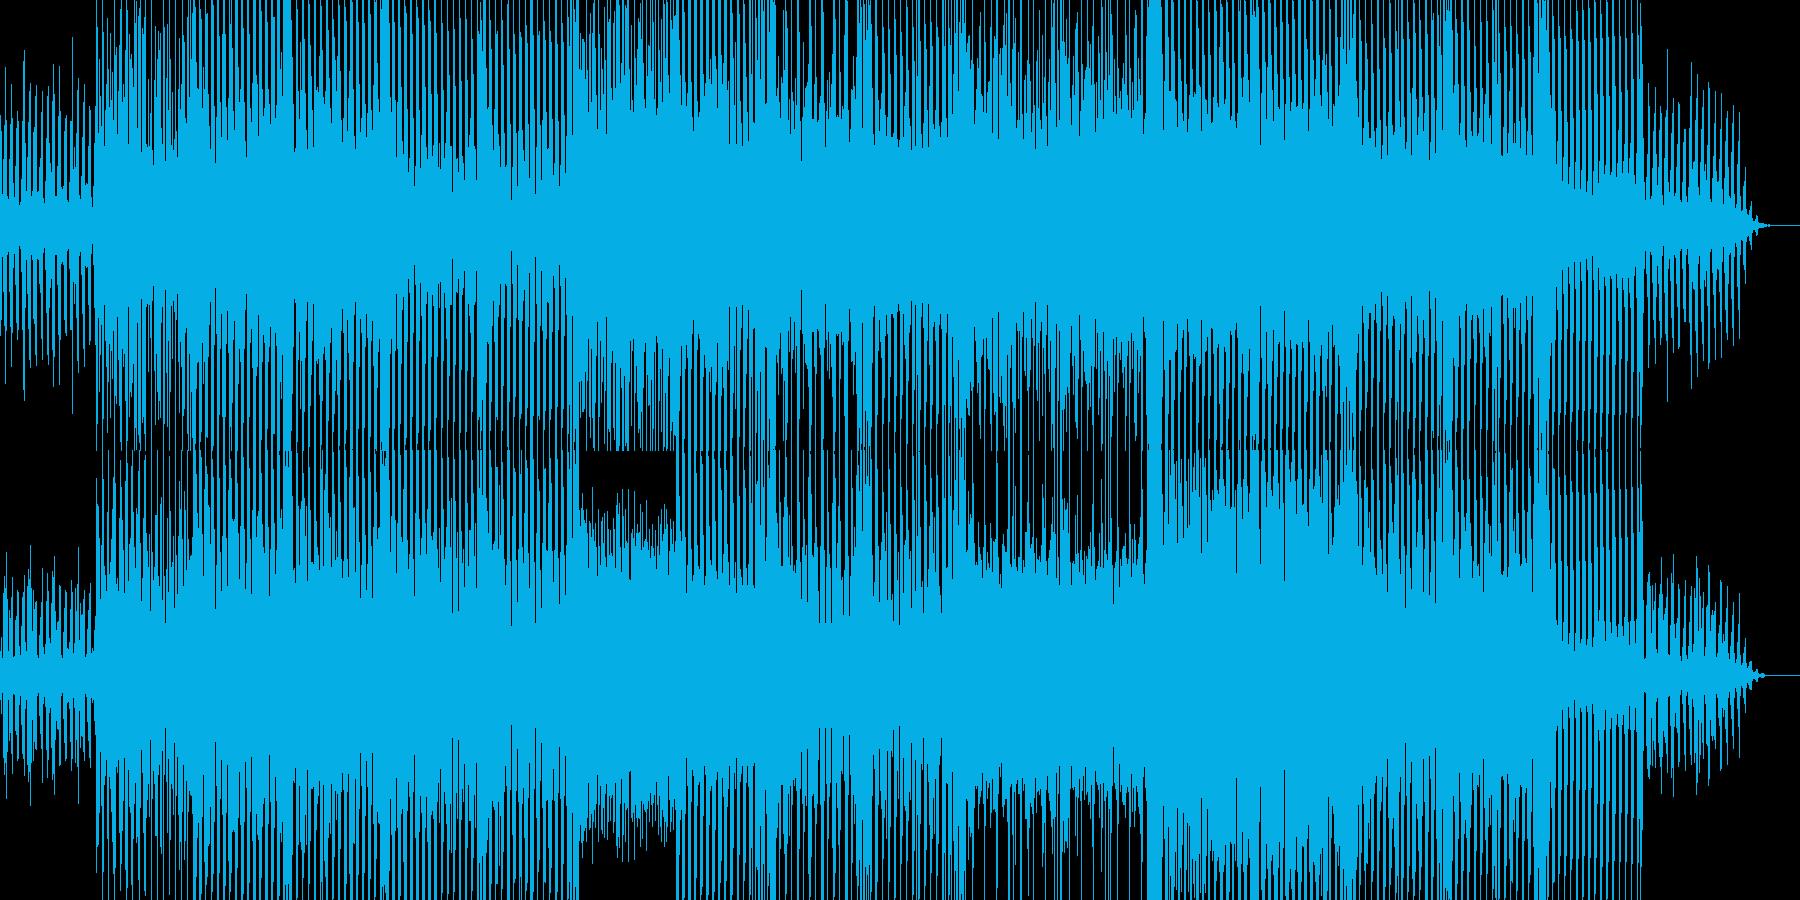 ちょっと切なくかっこいい感じのロックの再生済みの波形